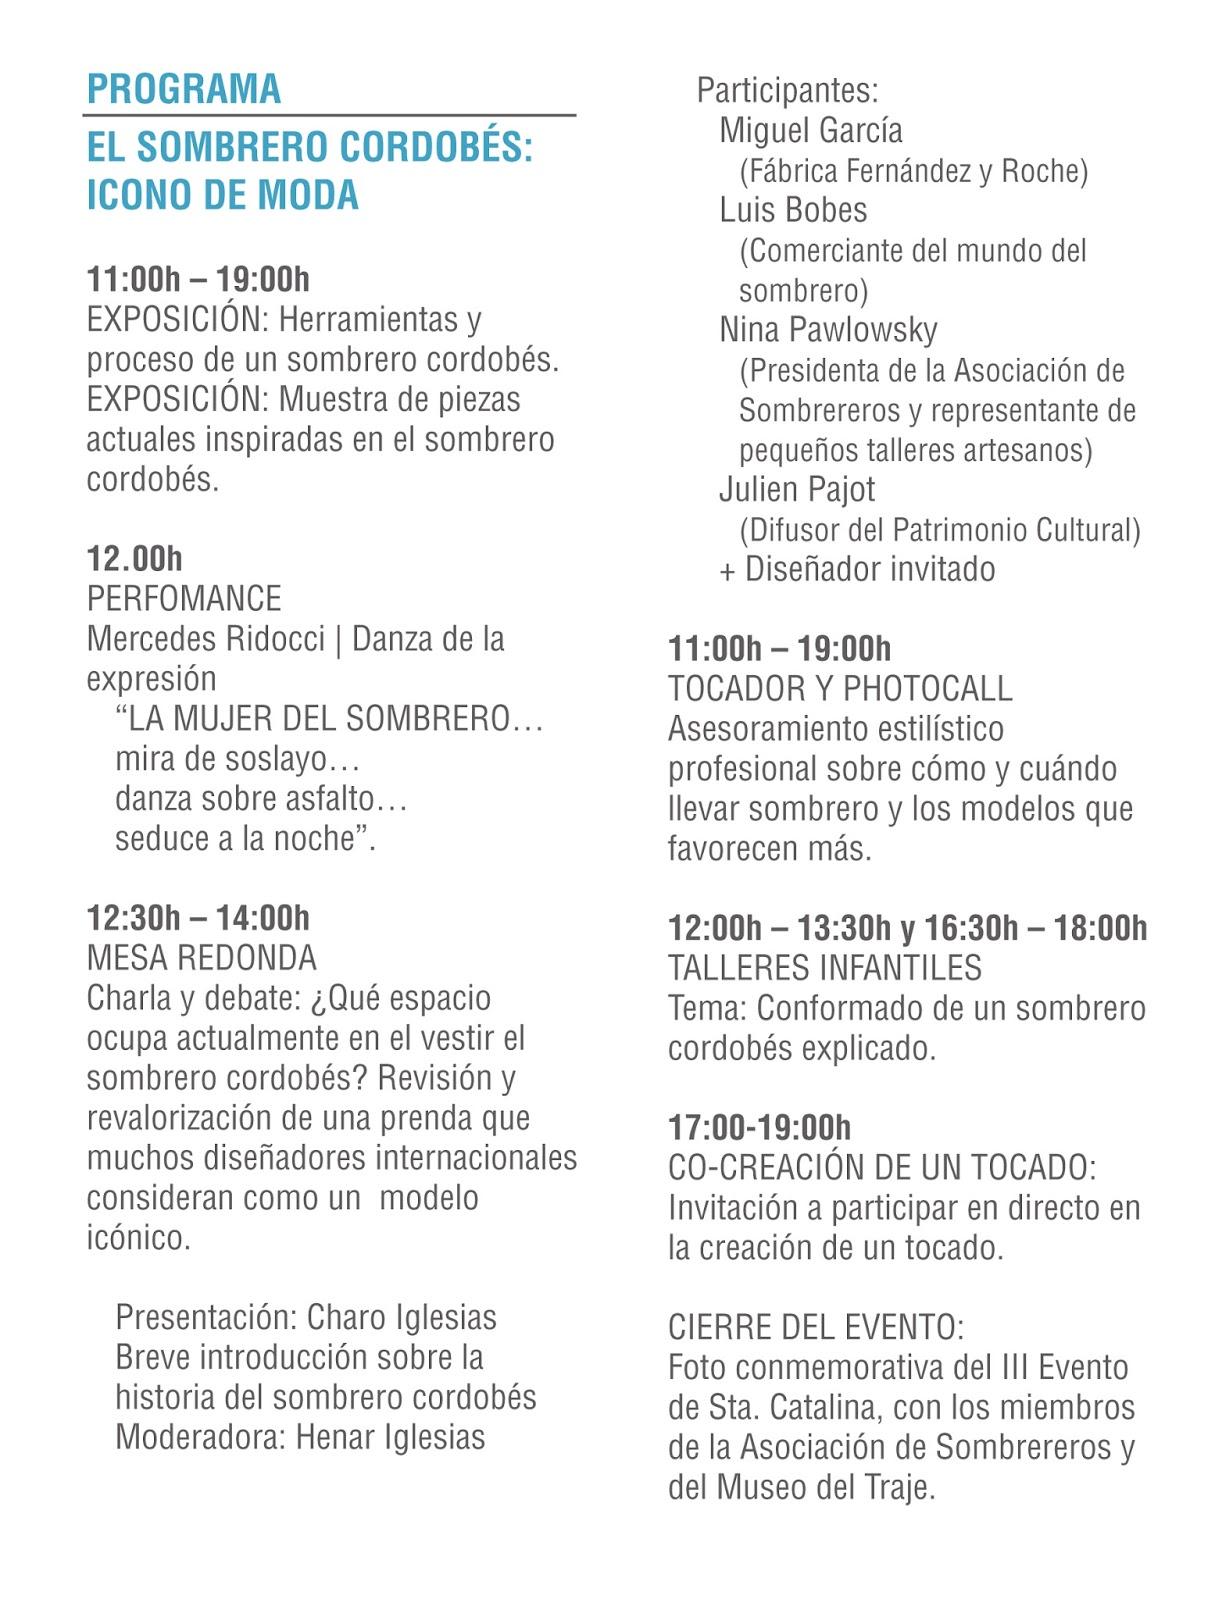 ASOCIACIÓN DE SOMBREREROS: Santa Catalina 2015 en el Museo del Traje